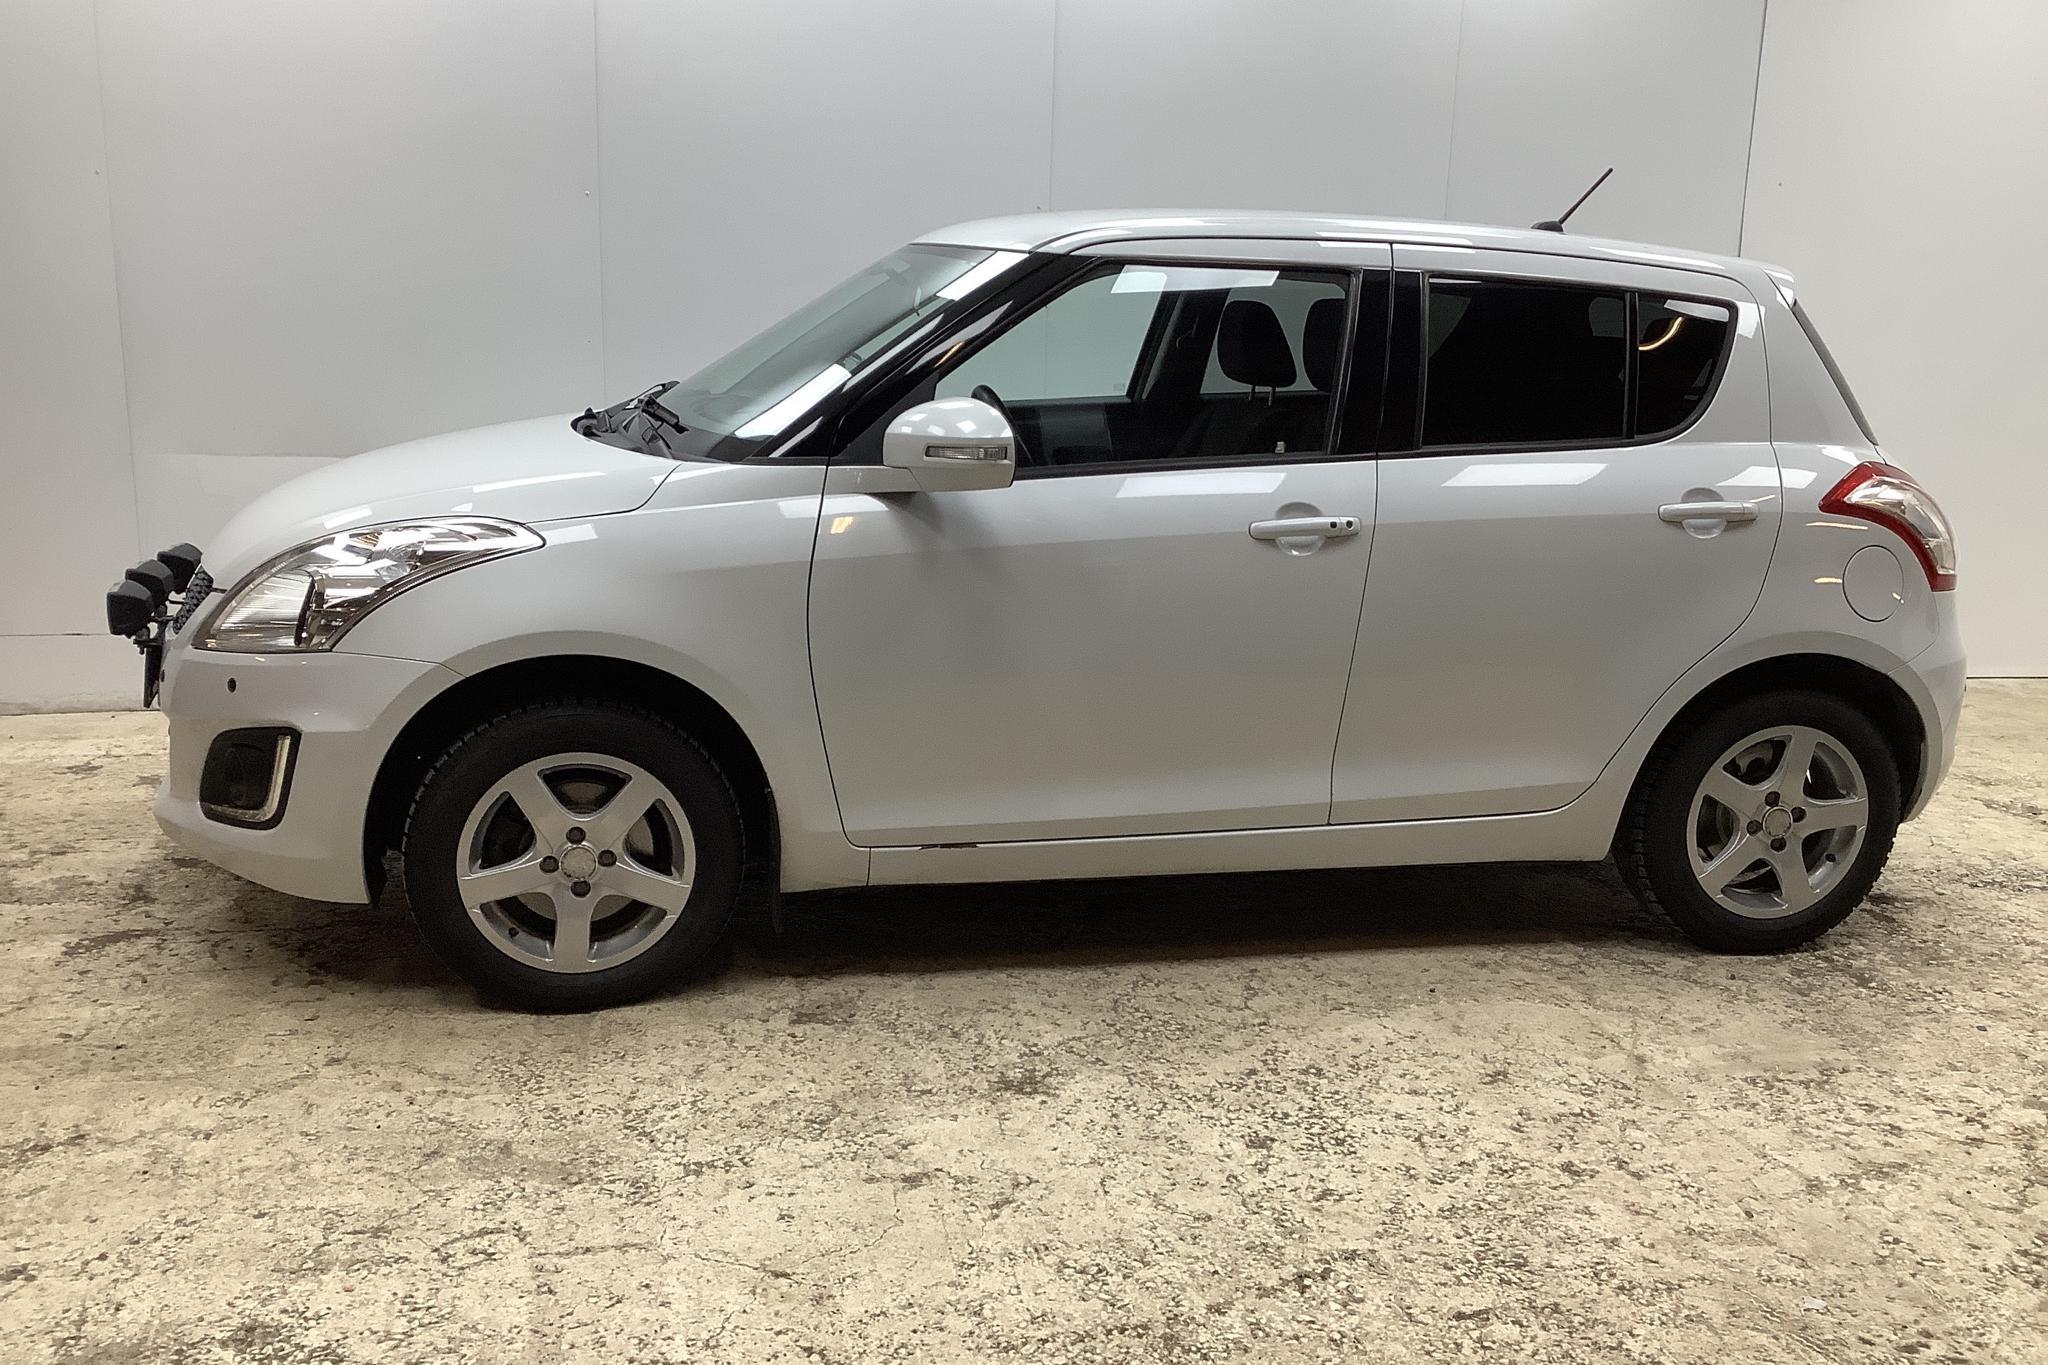 Suzuki Swift 1.2 4x4 5dr (94hk) - 6 473 mil - Manuell - vit - 2014